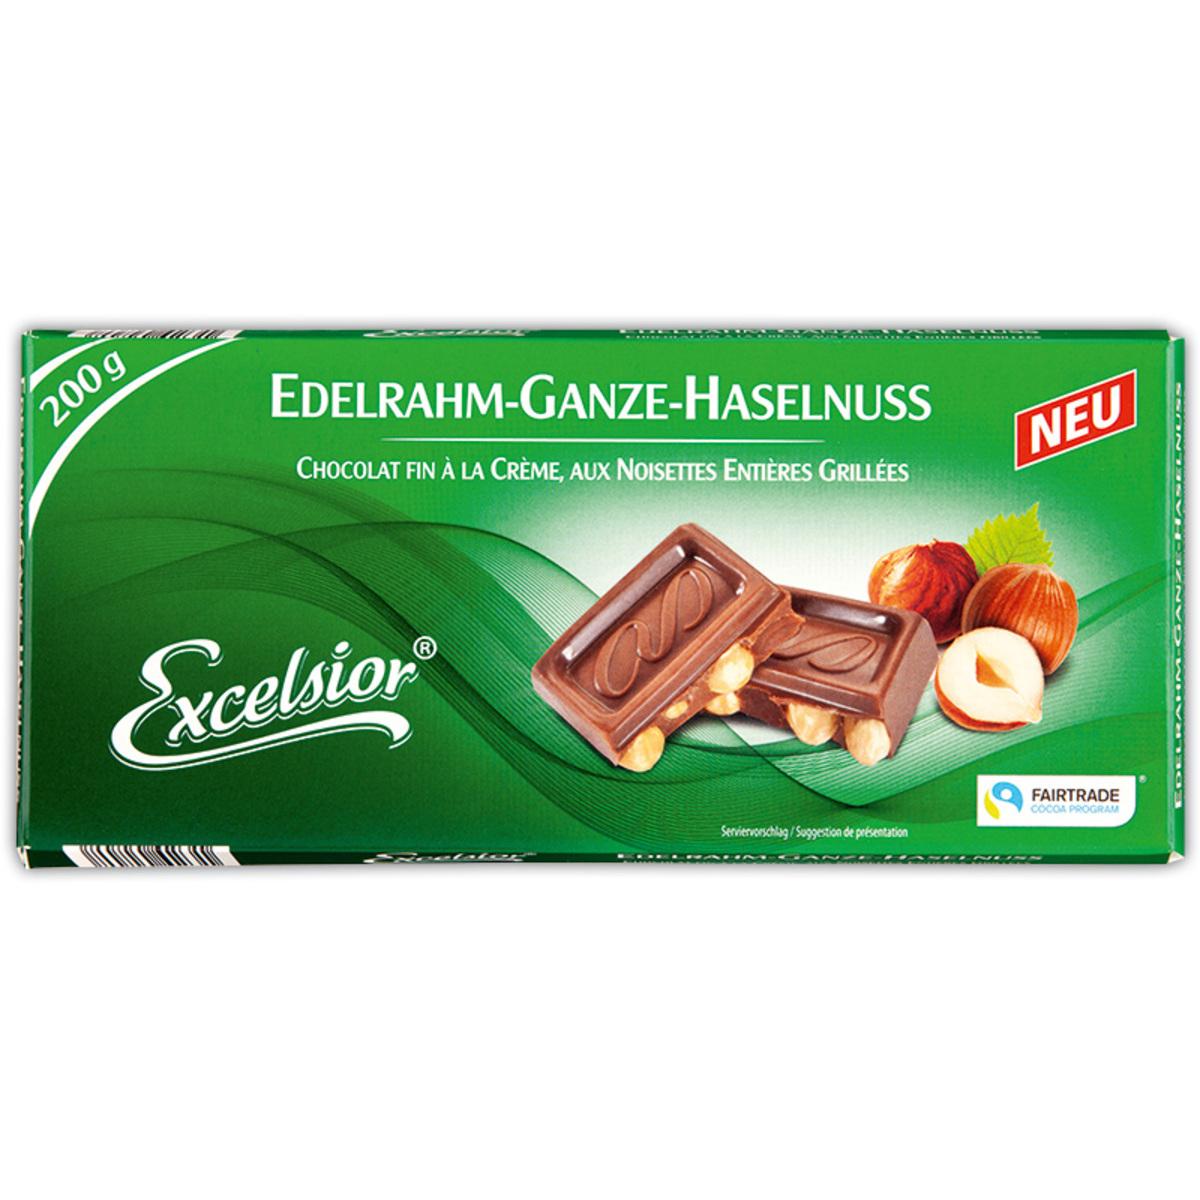 Bild 2 von Excelsior Edel-Nuss Schokolade